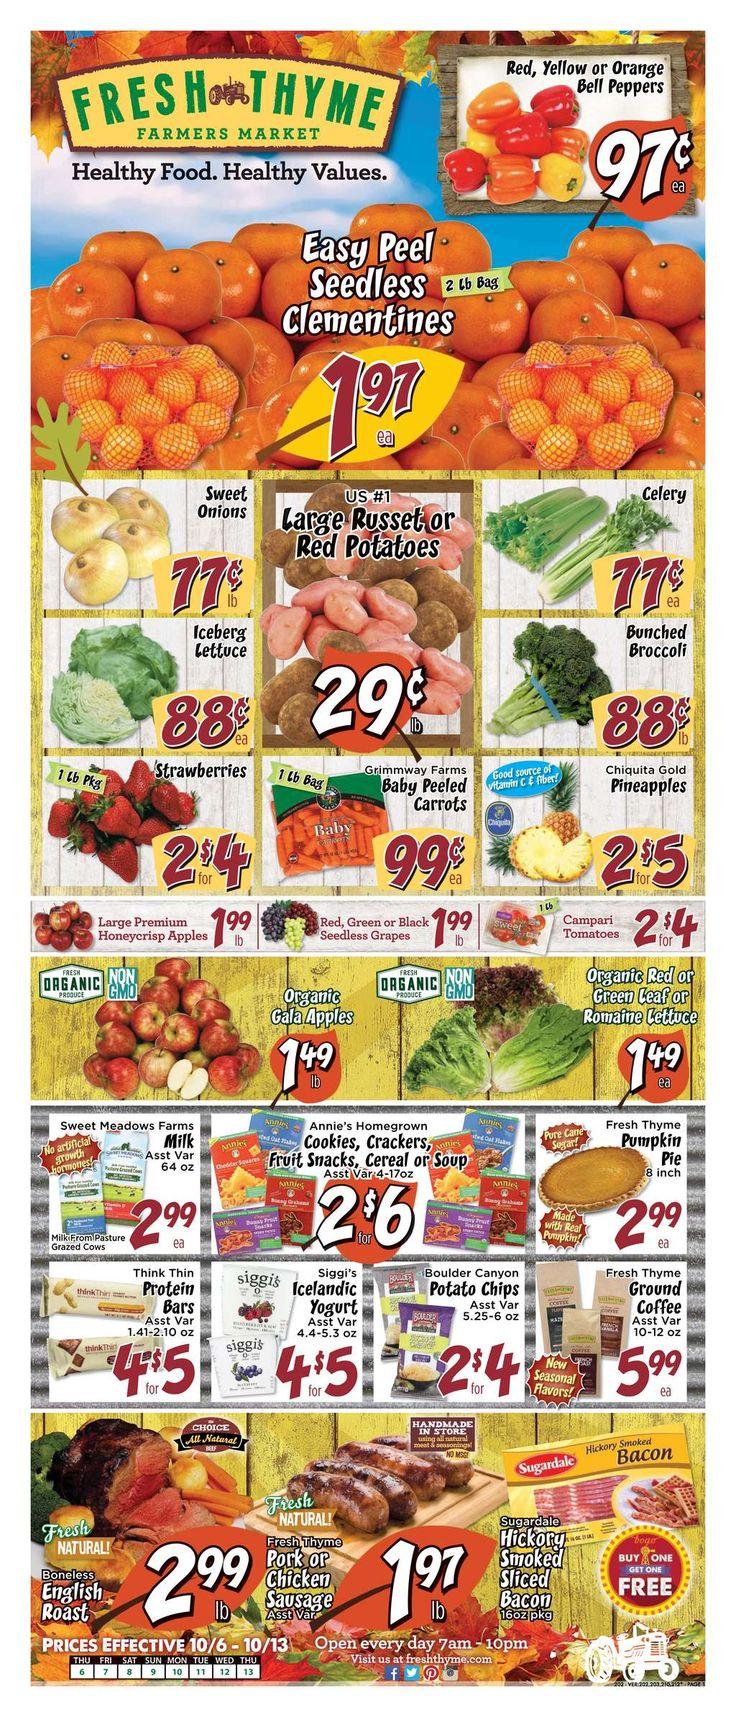 Weekly Ads | Fresh Thyme Farmer's Market